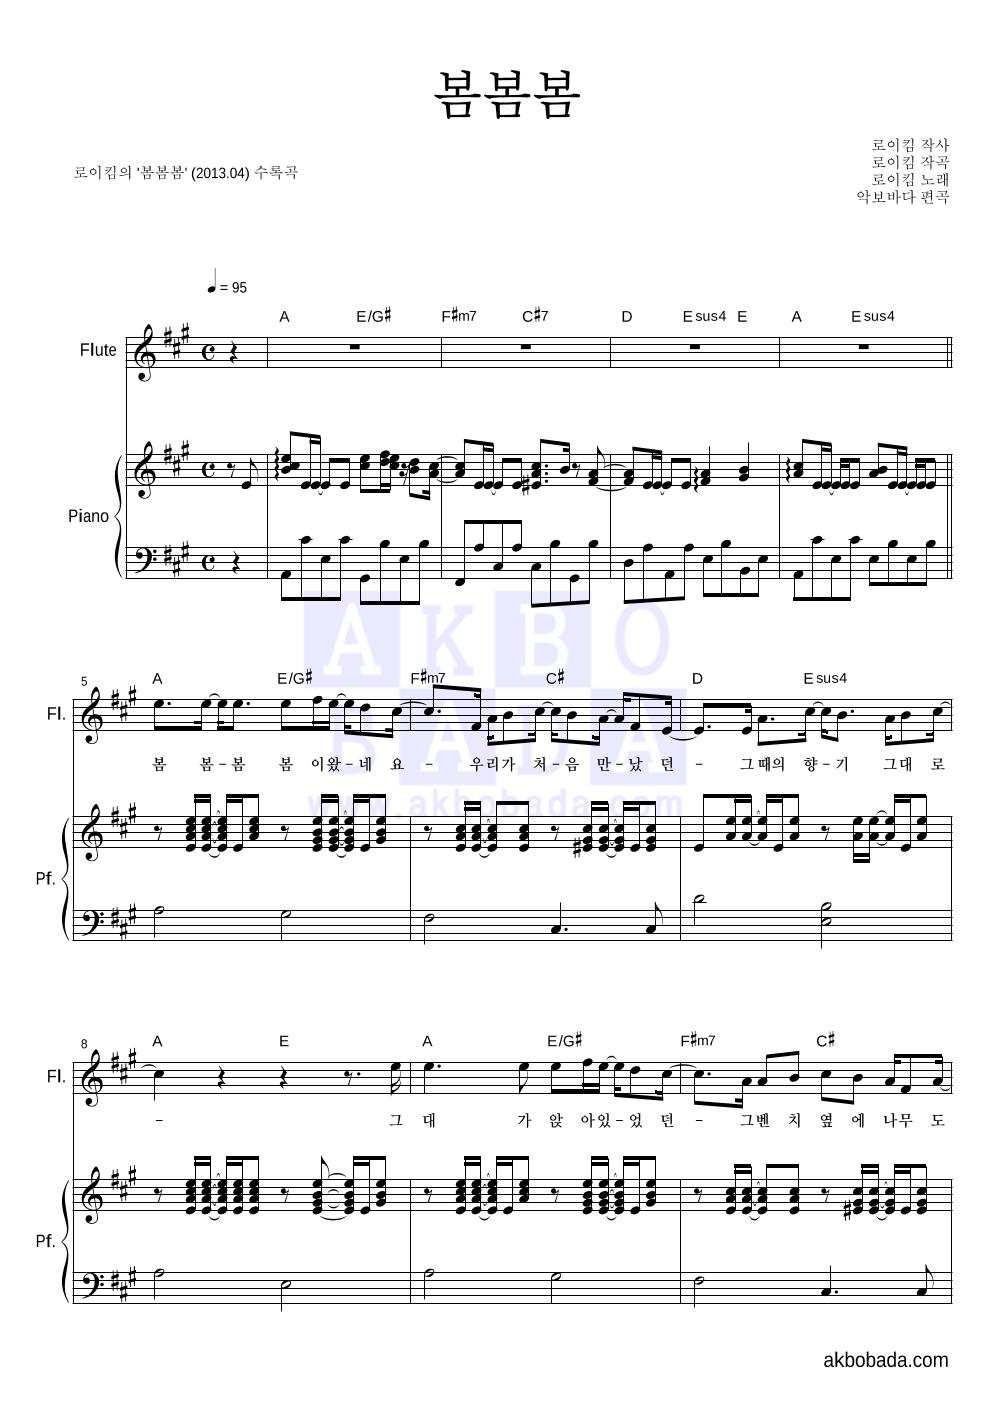 로이킴 - 봄봄봄 플룻&피아노 악보